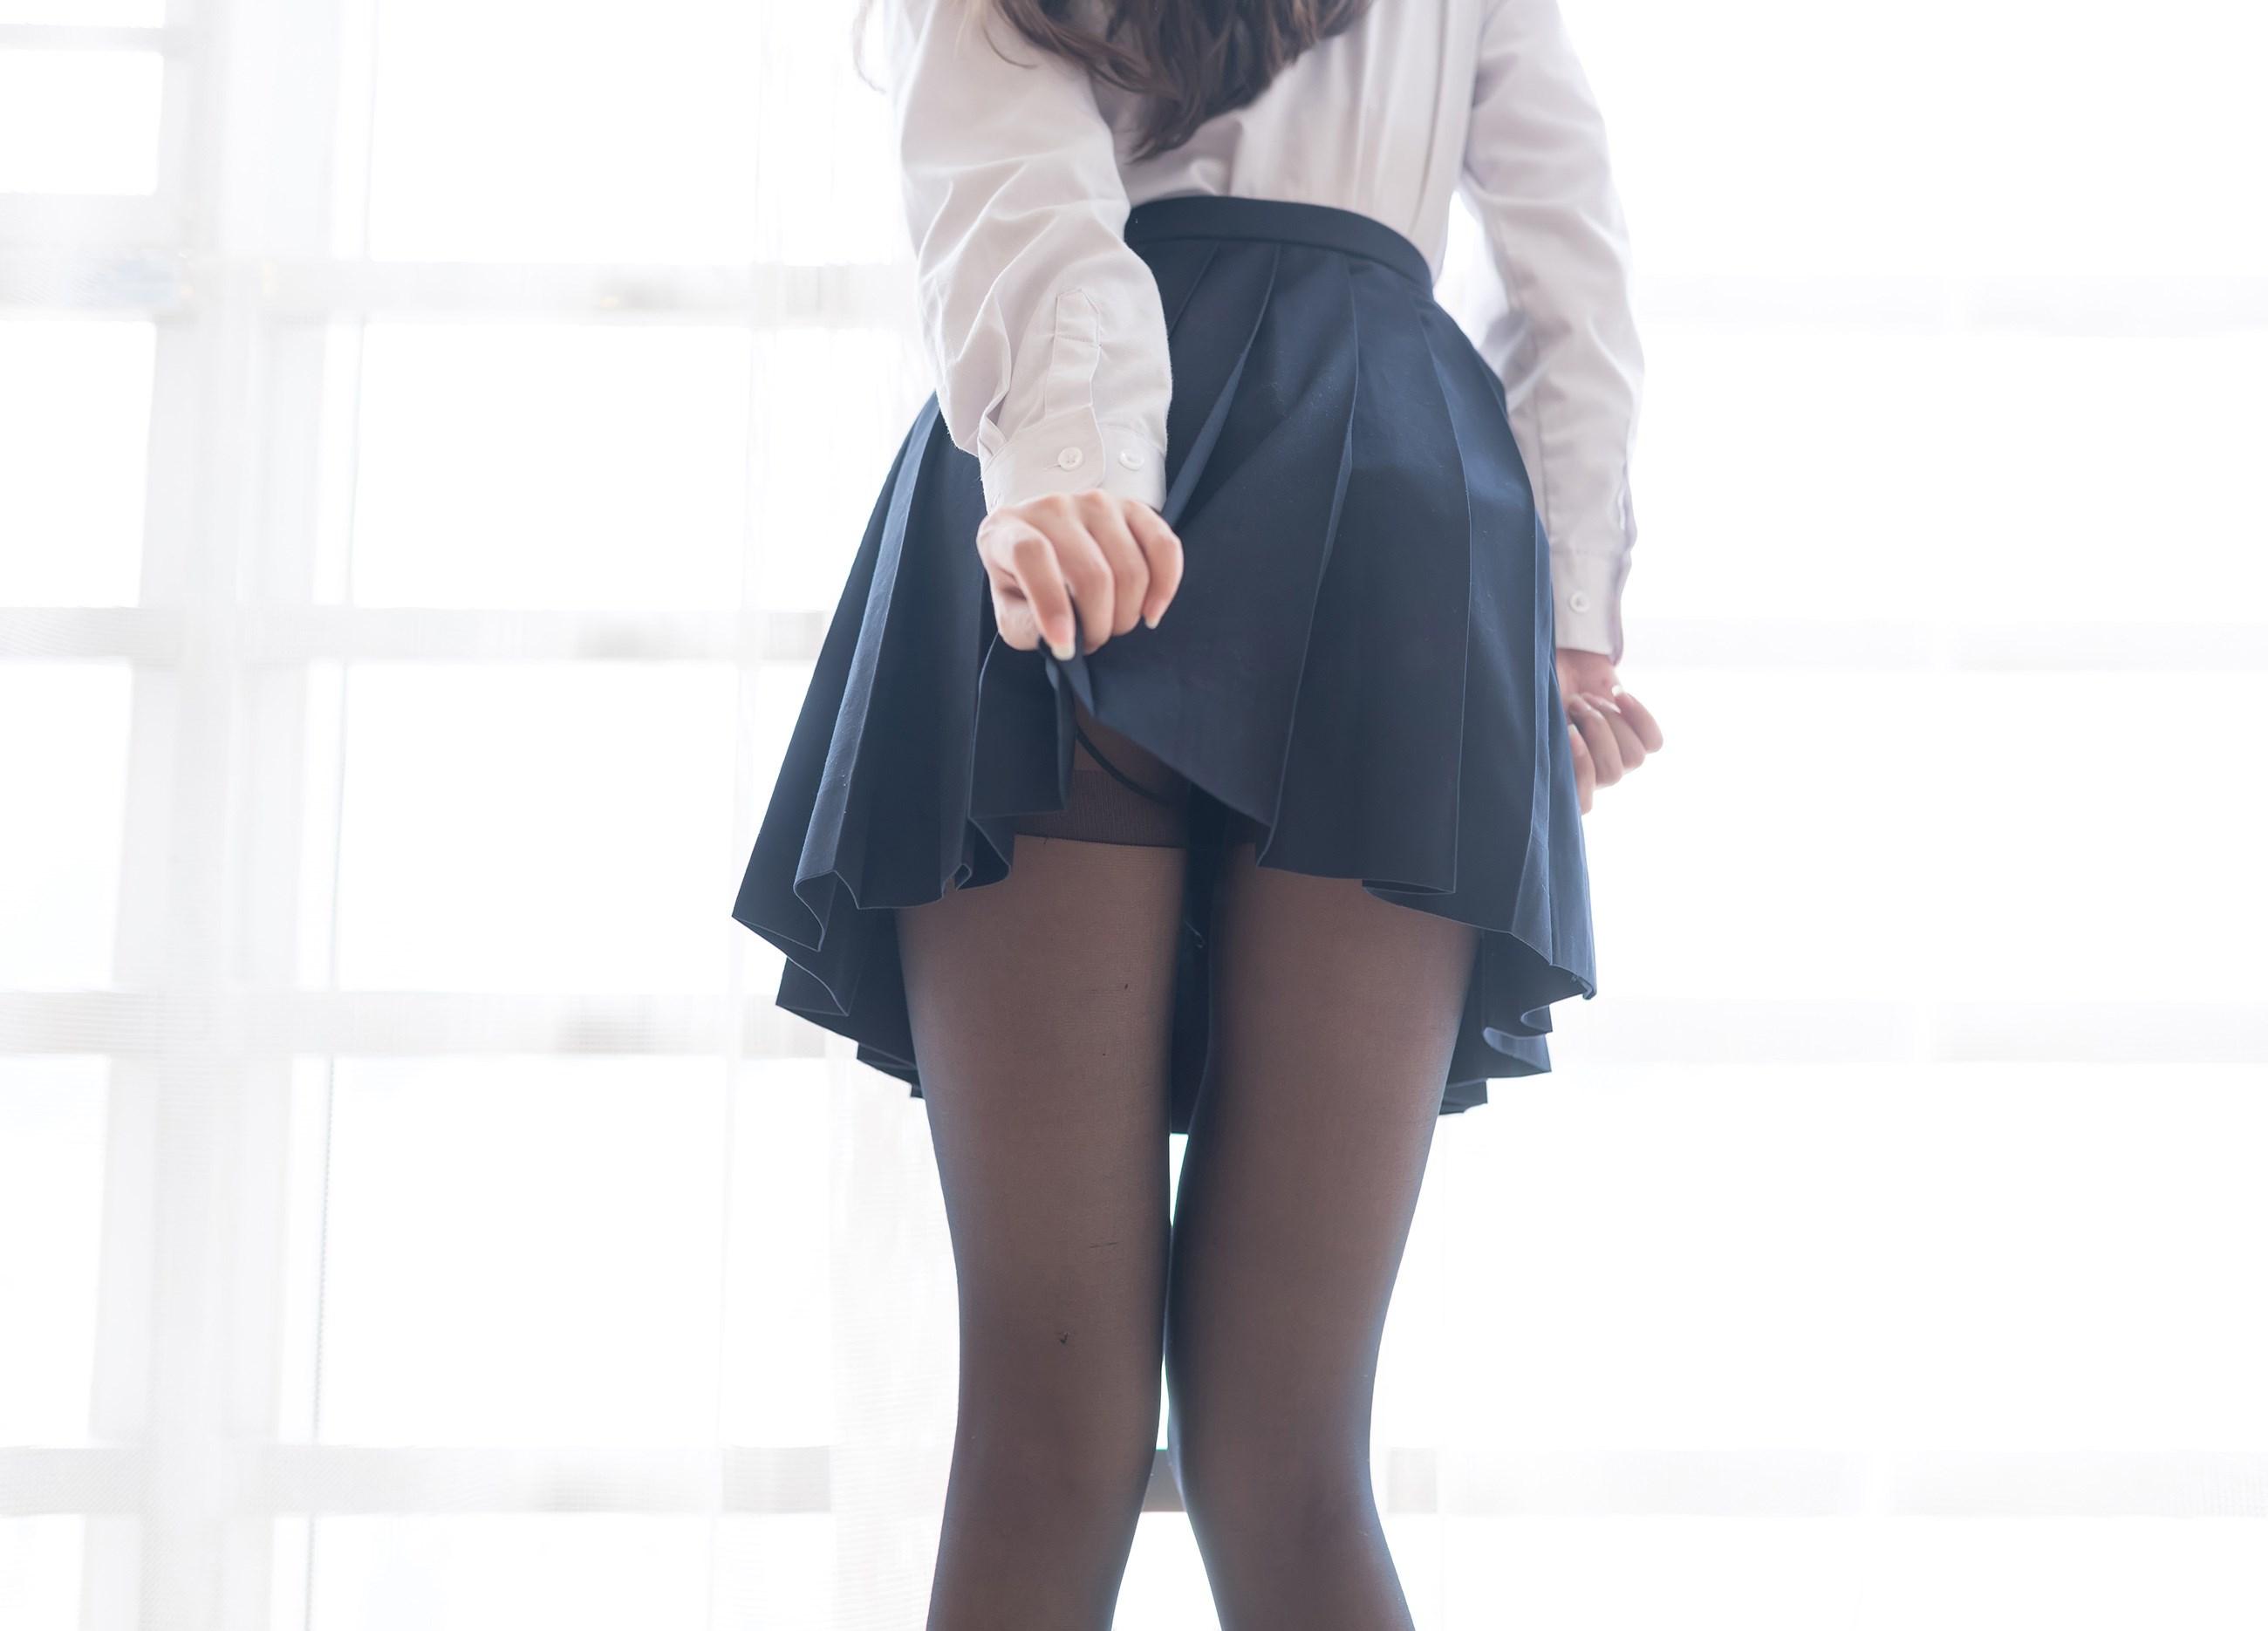 【兔玩映画】黑丝jk 兔玩映画 第6张